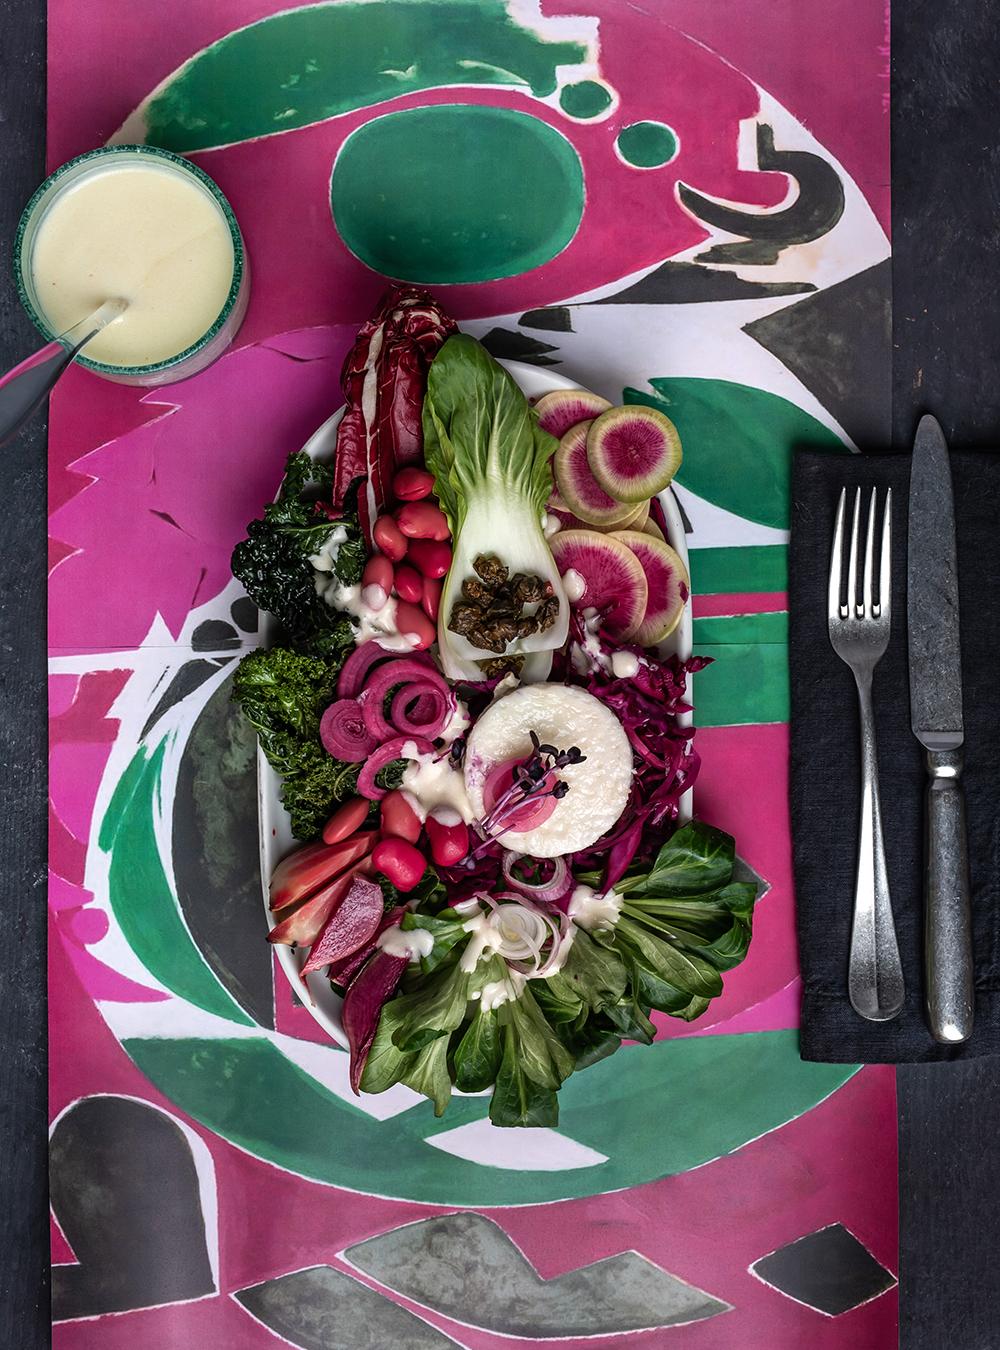 Purpur-grüner Wintersalat mit Misodressing - Palingenesis, Lee Krasner Food zur Ausstellung in der Schirn Kunsthalle, Salat und Kunst, so schmeckt ein Bild #salat #wintersalat #rotebete #grünkohl #gesund #abnehmen #kalorienarm #rezept #miso #misodressing